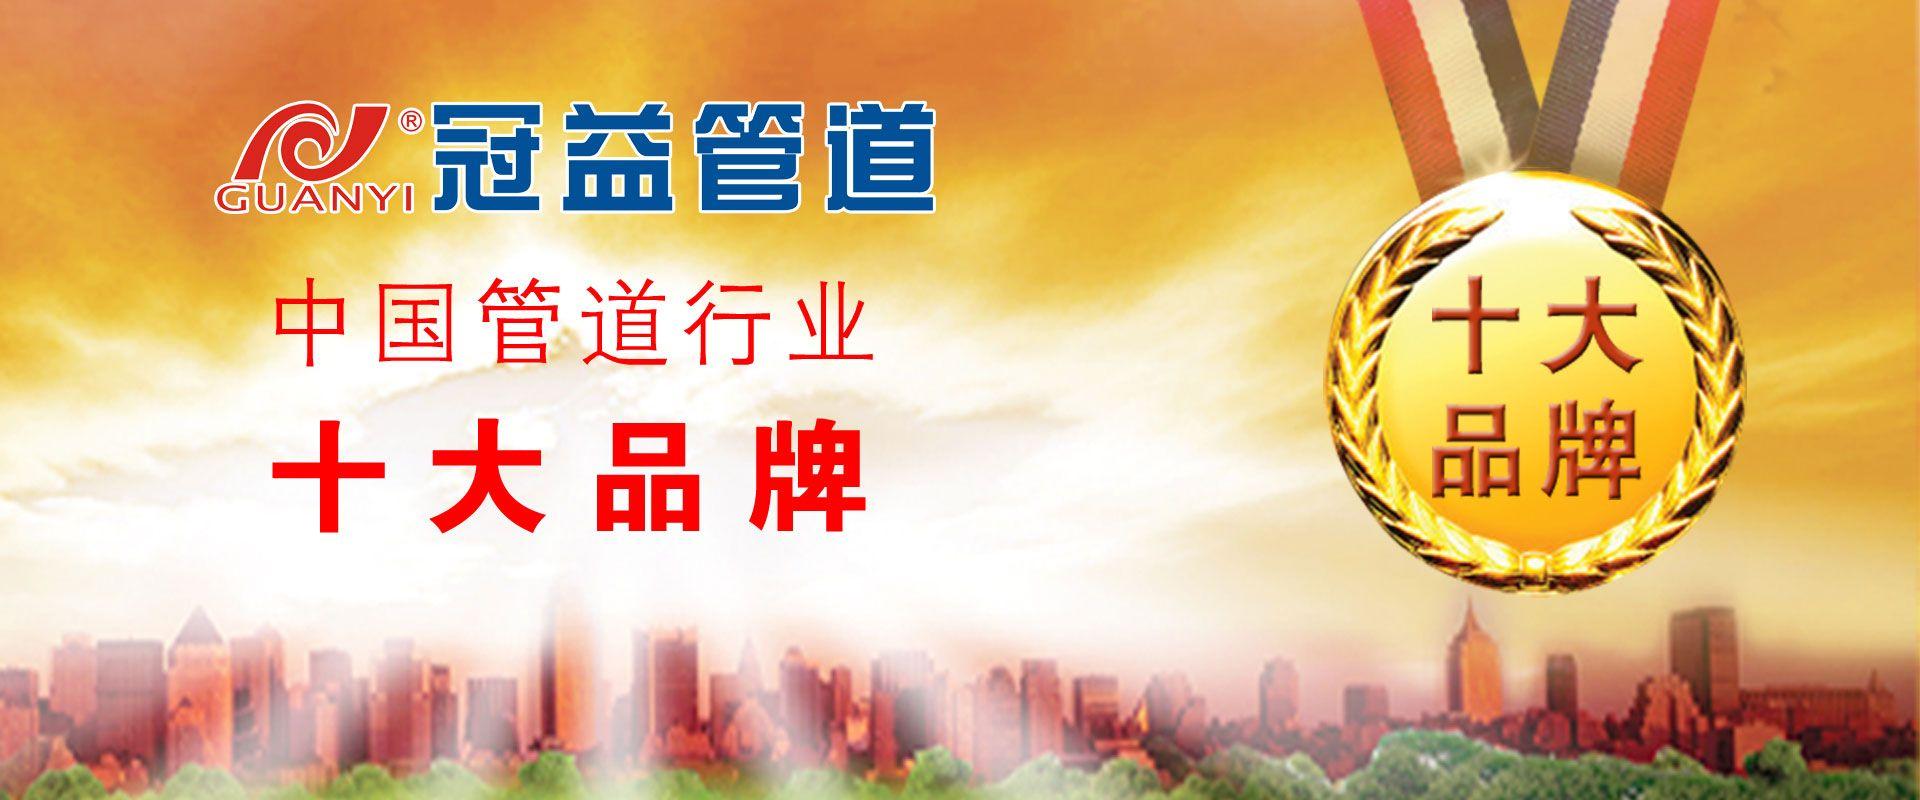 龙8国际娱乐网页版科技